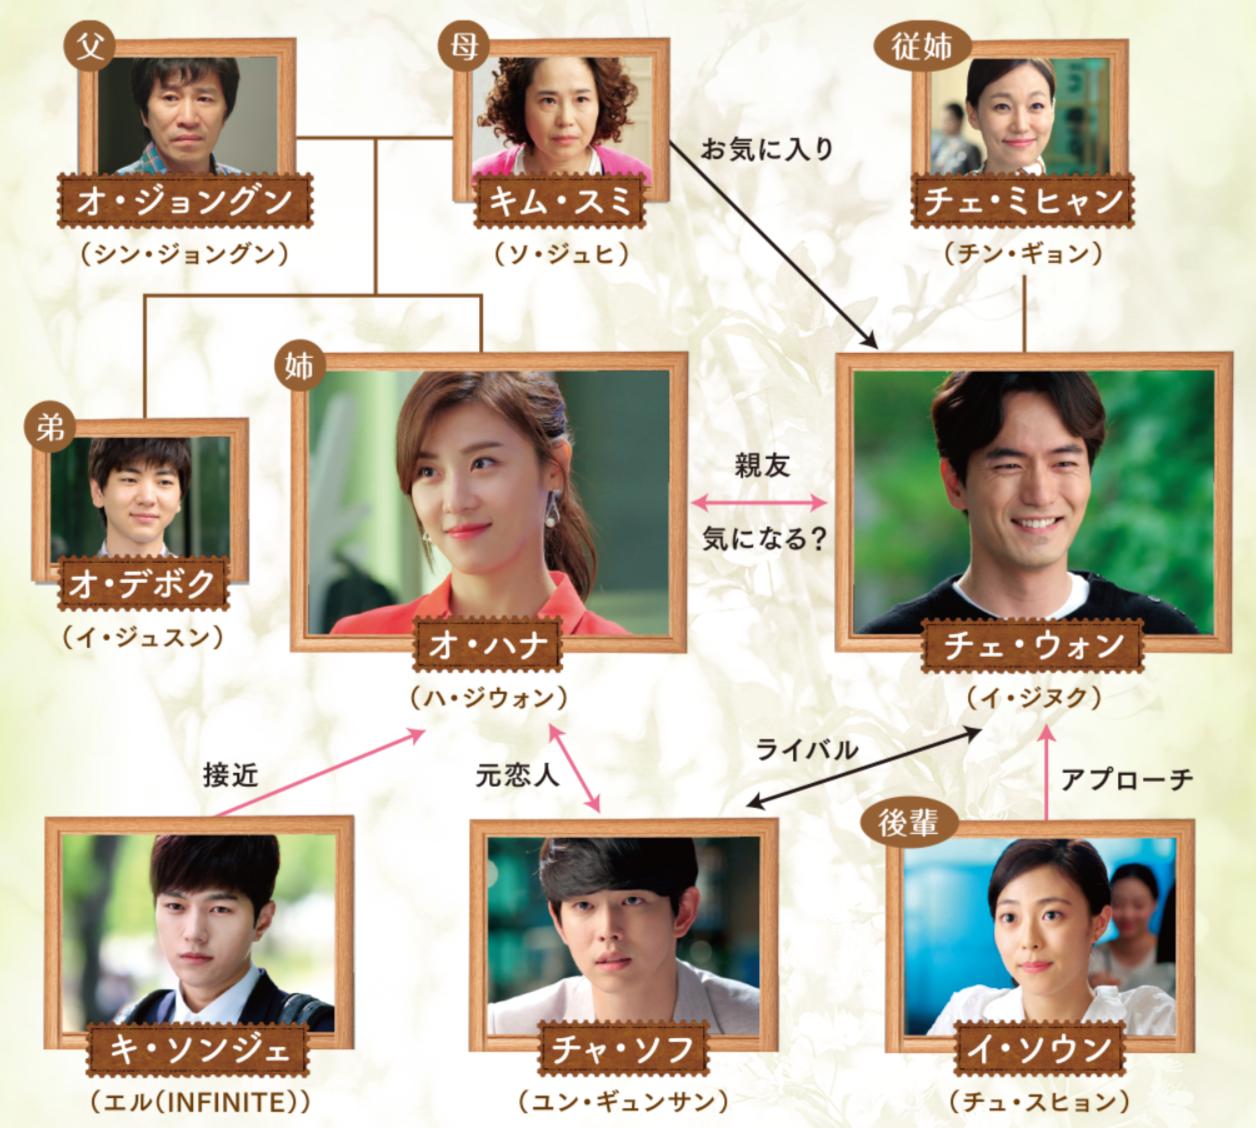 韓国ドラマ『君を愛した時間~ワタシとカレの恋愛白書』登場人物相関図(関係図)